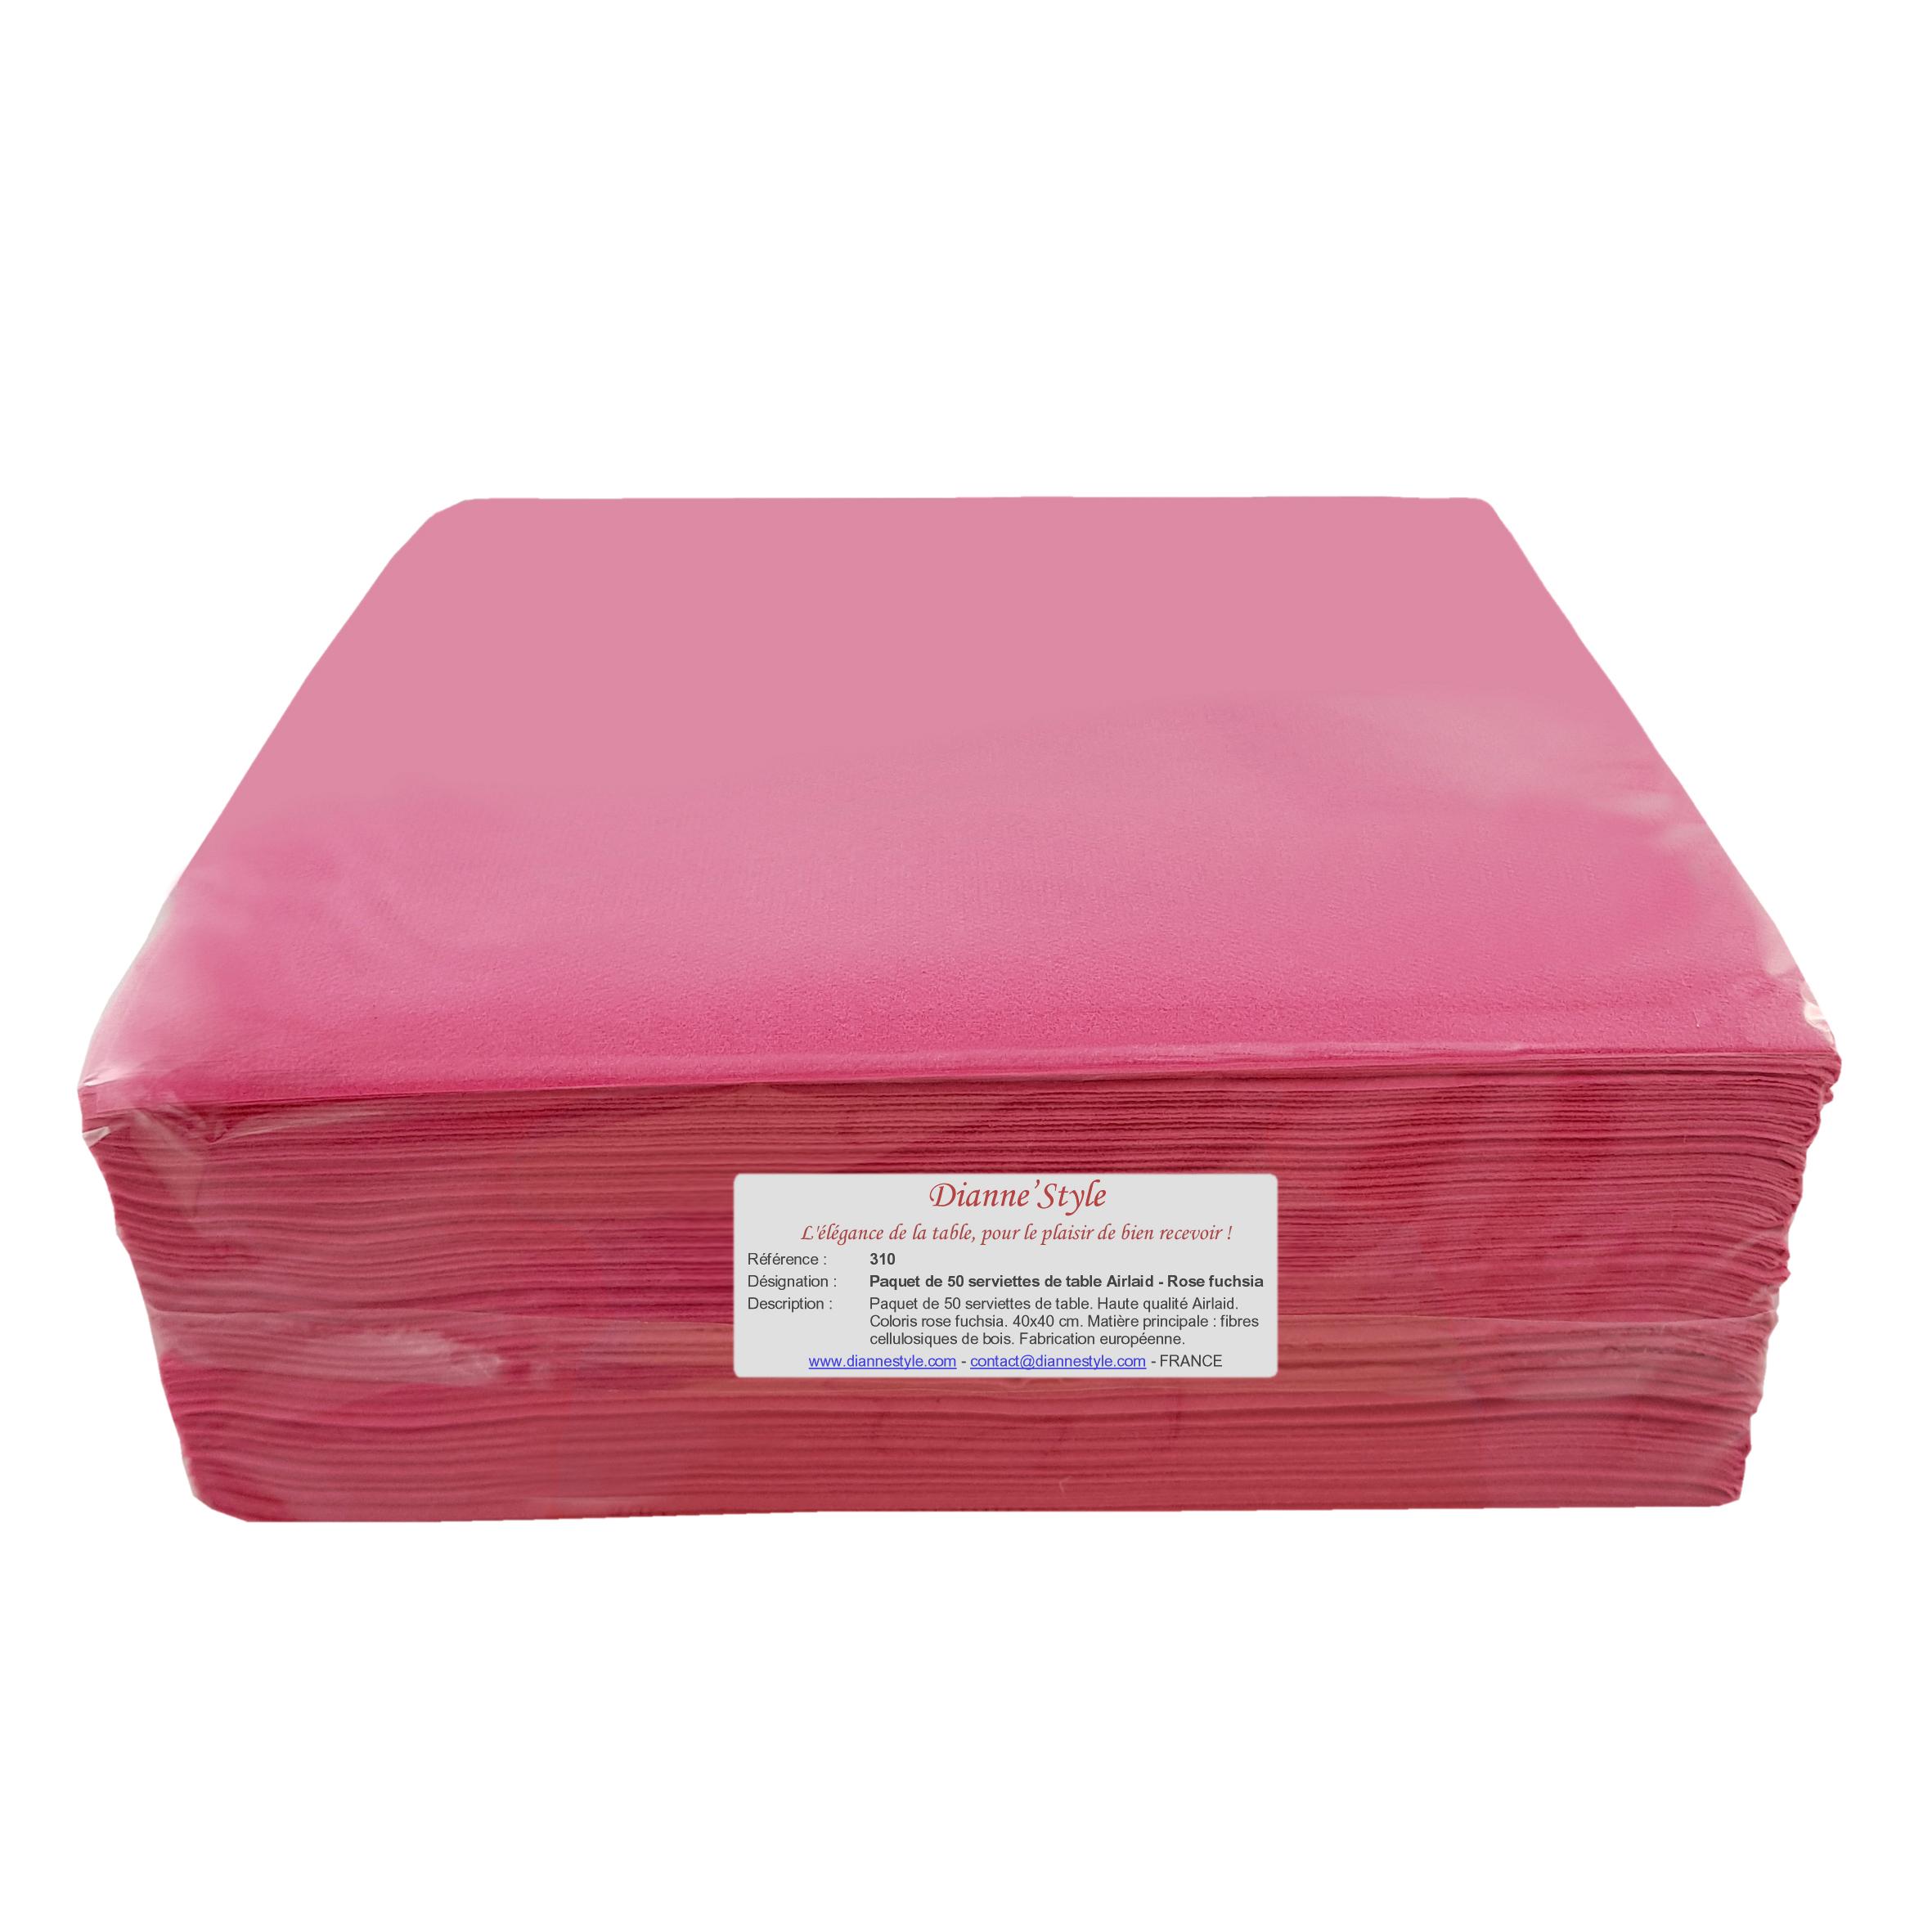 Paquet de 50 serviettes de table Airlaid - Rose fuchsia. Réf. 310